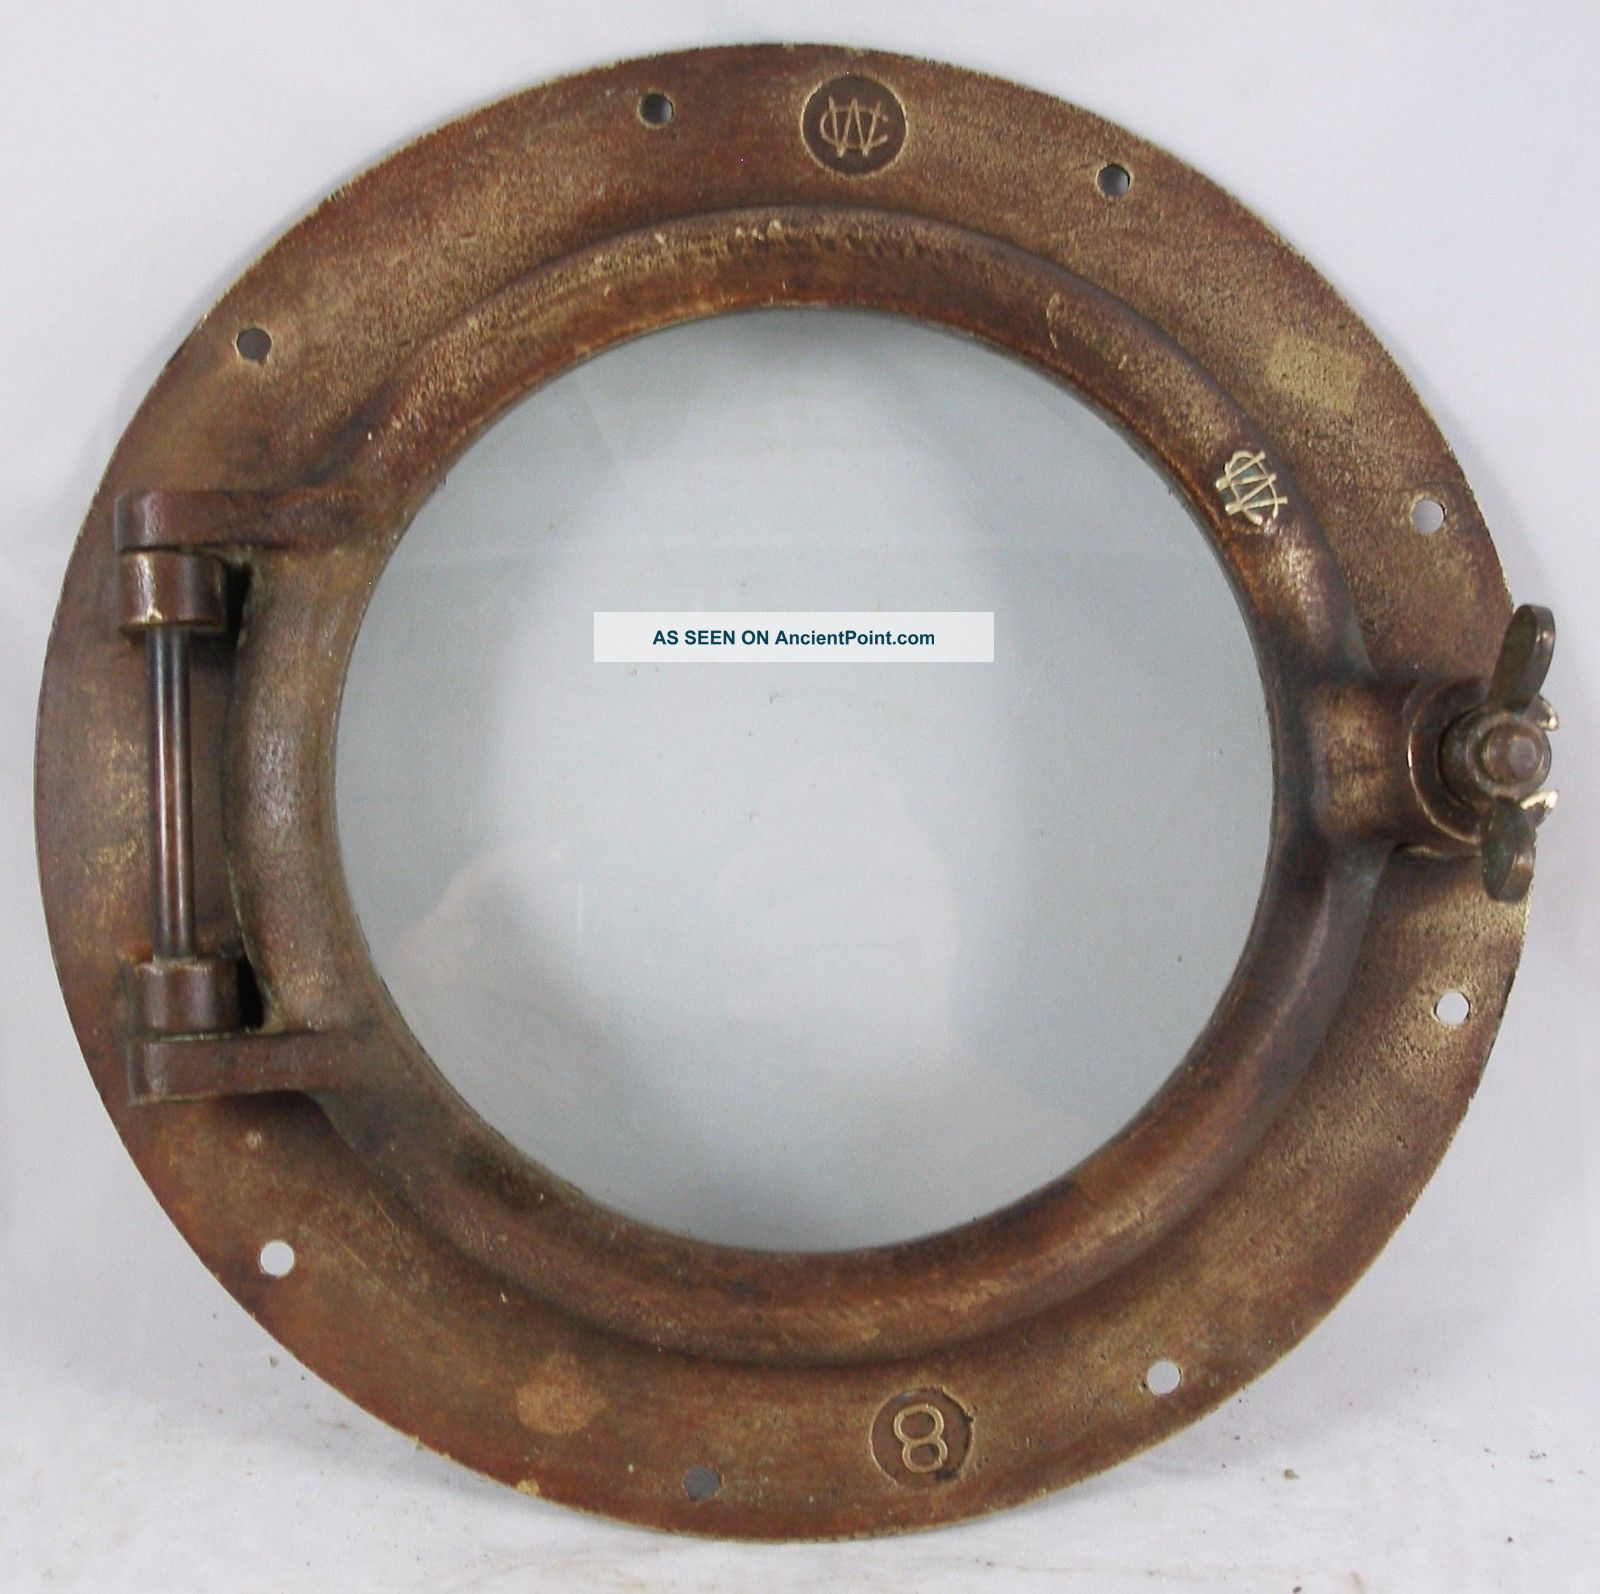 Antique Bronze Porthole,  Salvaged Porthole Nautical Wc 8 Porthole Portholes photo